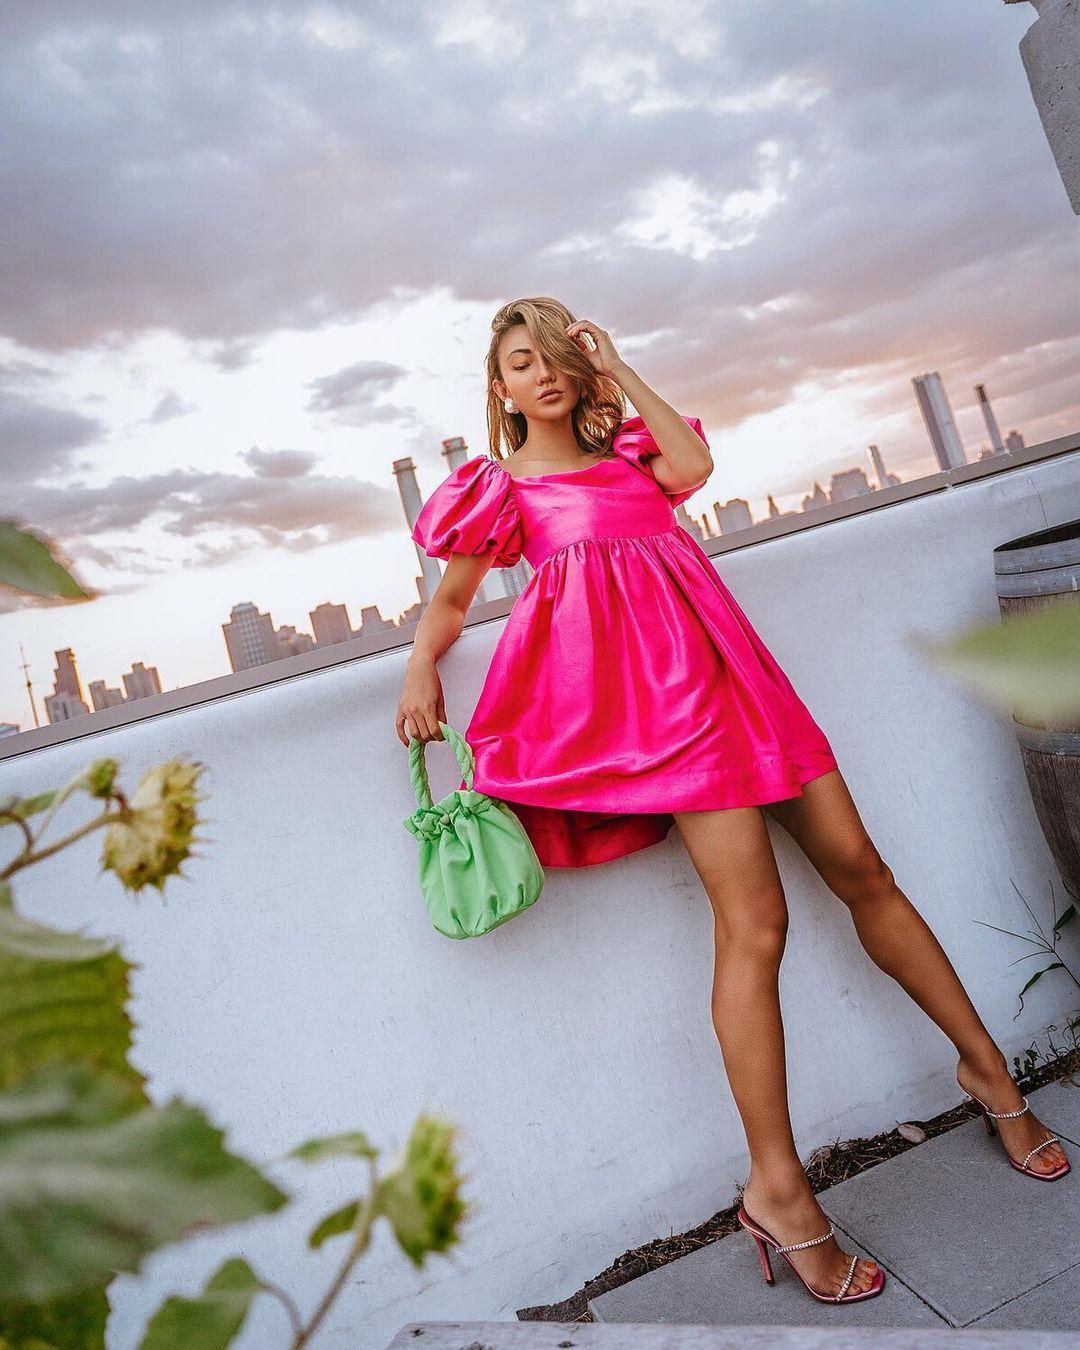 1612584561 122 echa un vistazo a las opciones para comprar y 30 - 40 modelos de vestidos rosas para un look que no pasa desapercibido